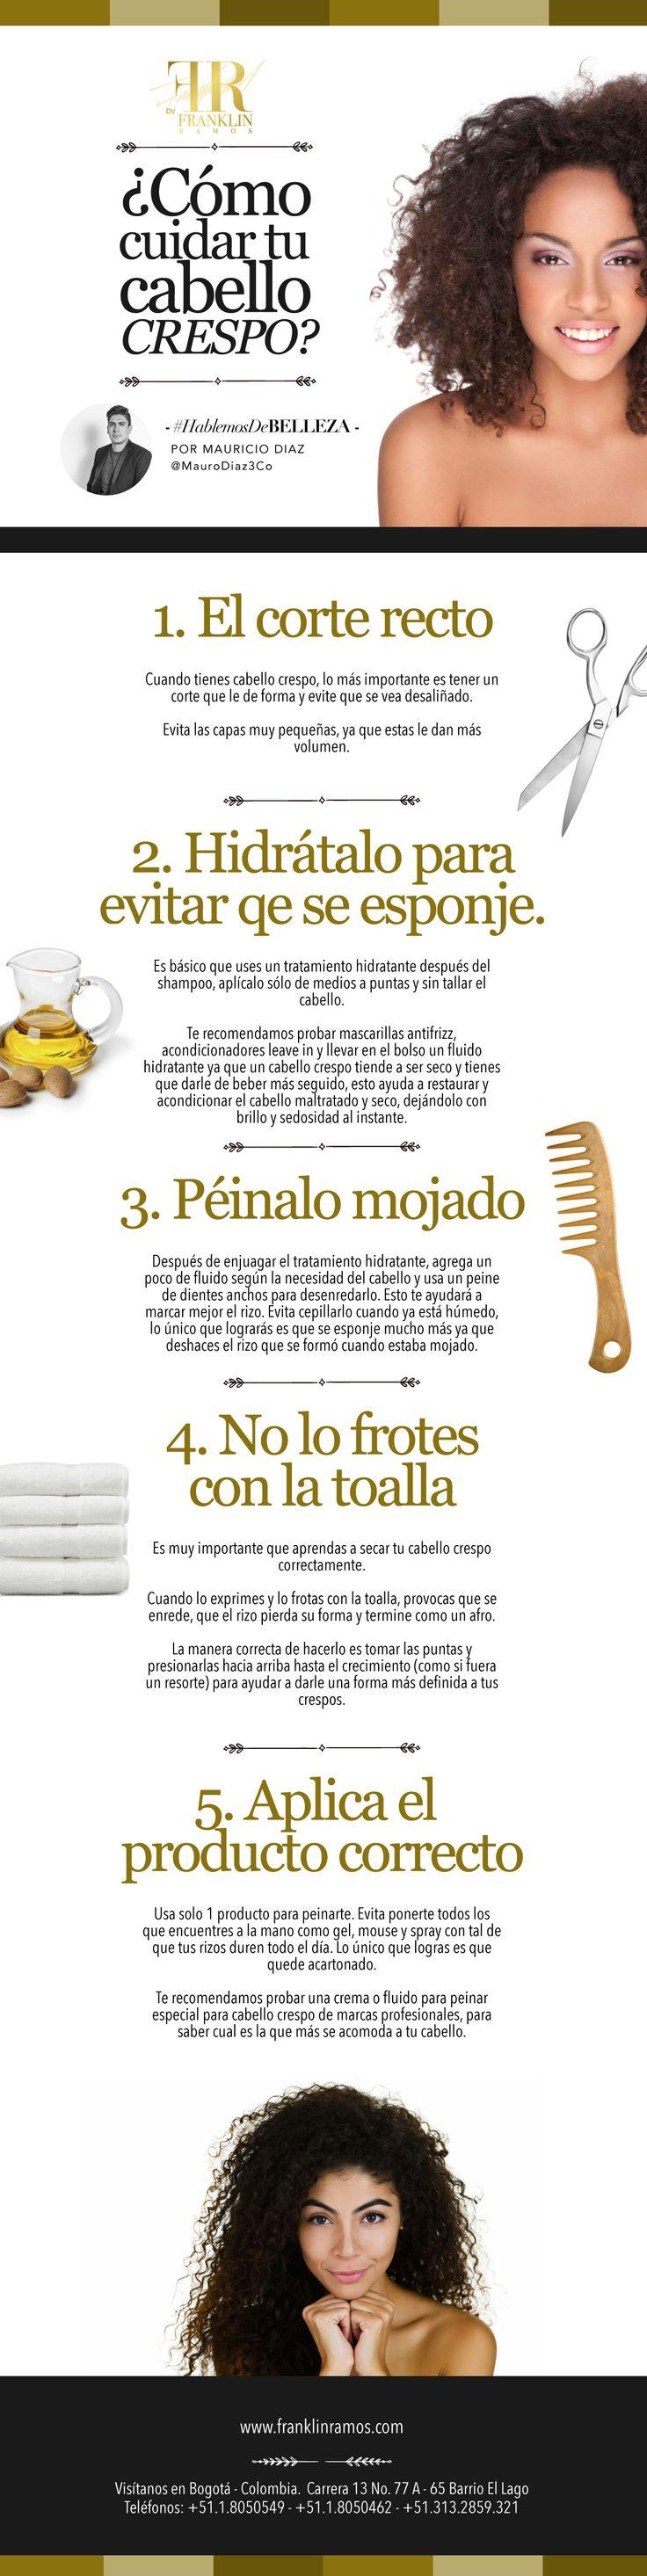 ¿Aún no controlas tu cabello crespo u ondulado? Mauro Diaz de nuestro #Frstaff te da unos tips super importantes a la hora de cuidar este tipo de cabello. Puedes sacar una cita con él a los teléfonos en Bogotá: 8050549 / 8050462 / 3132859321   #FranklinRamosSalón